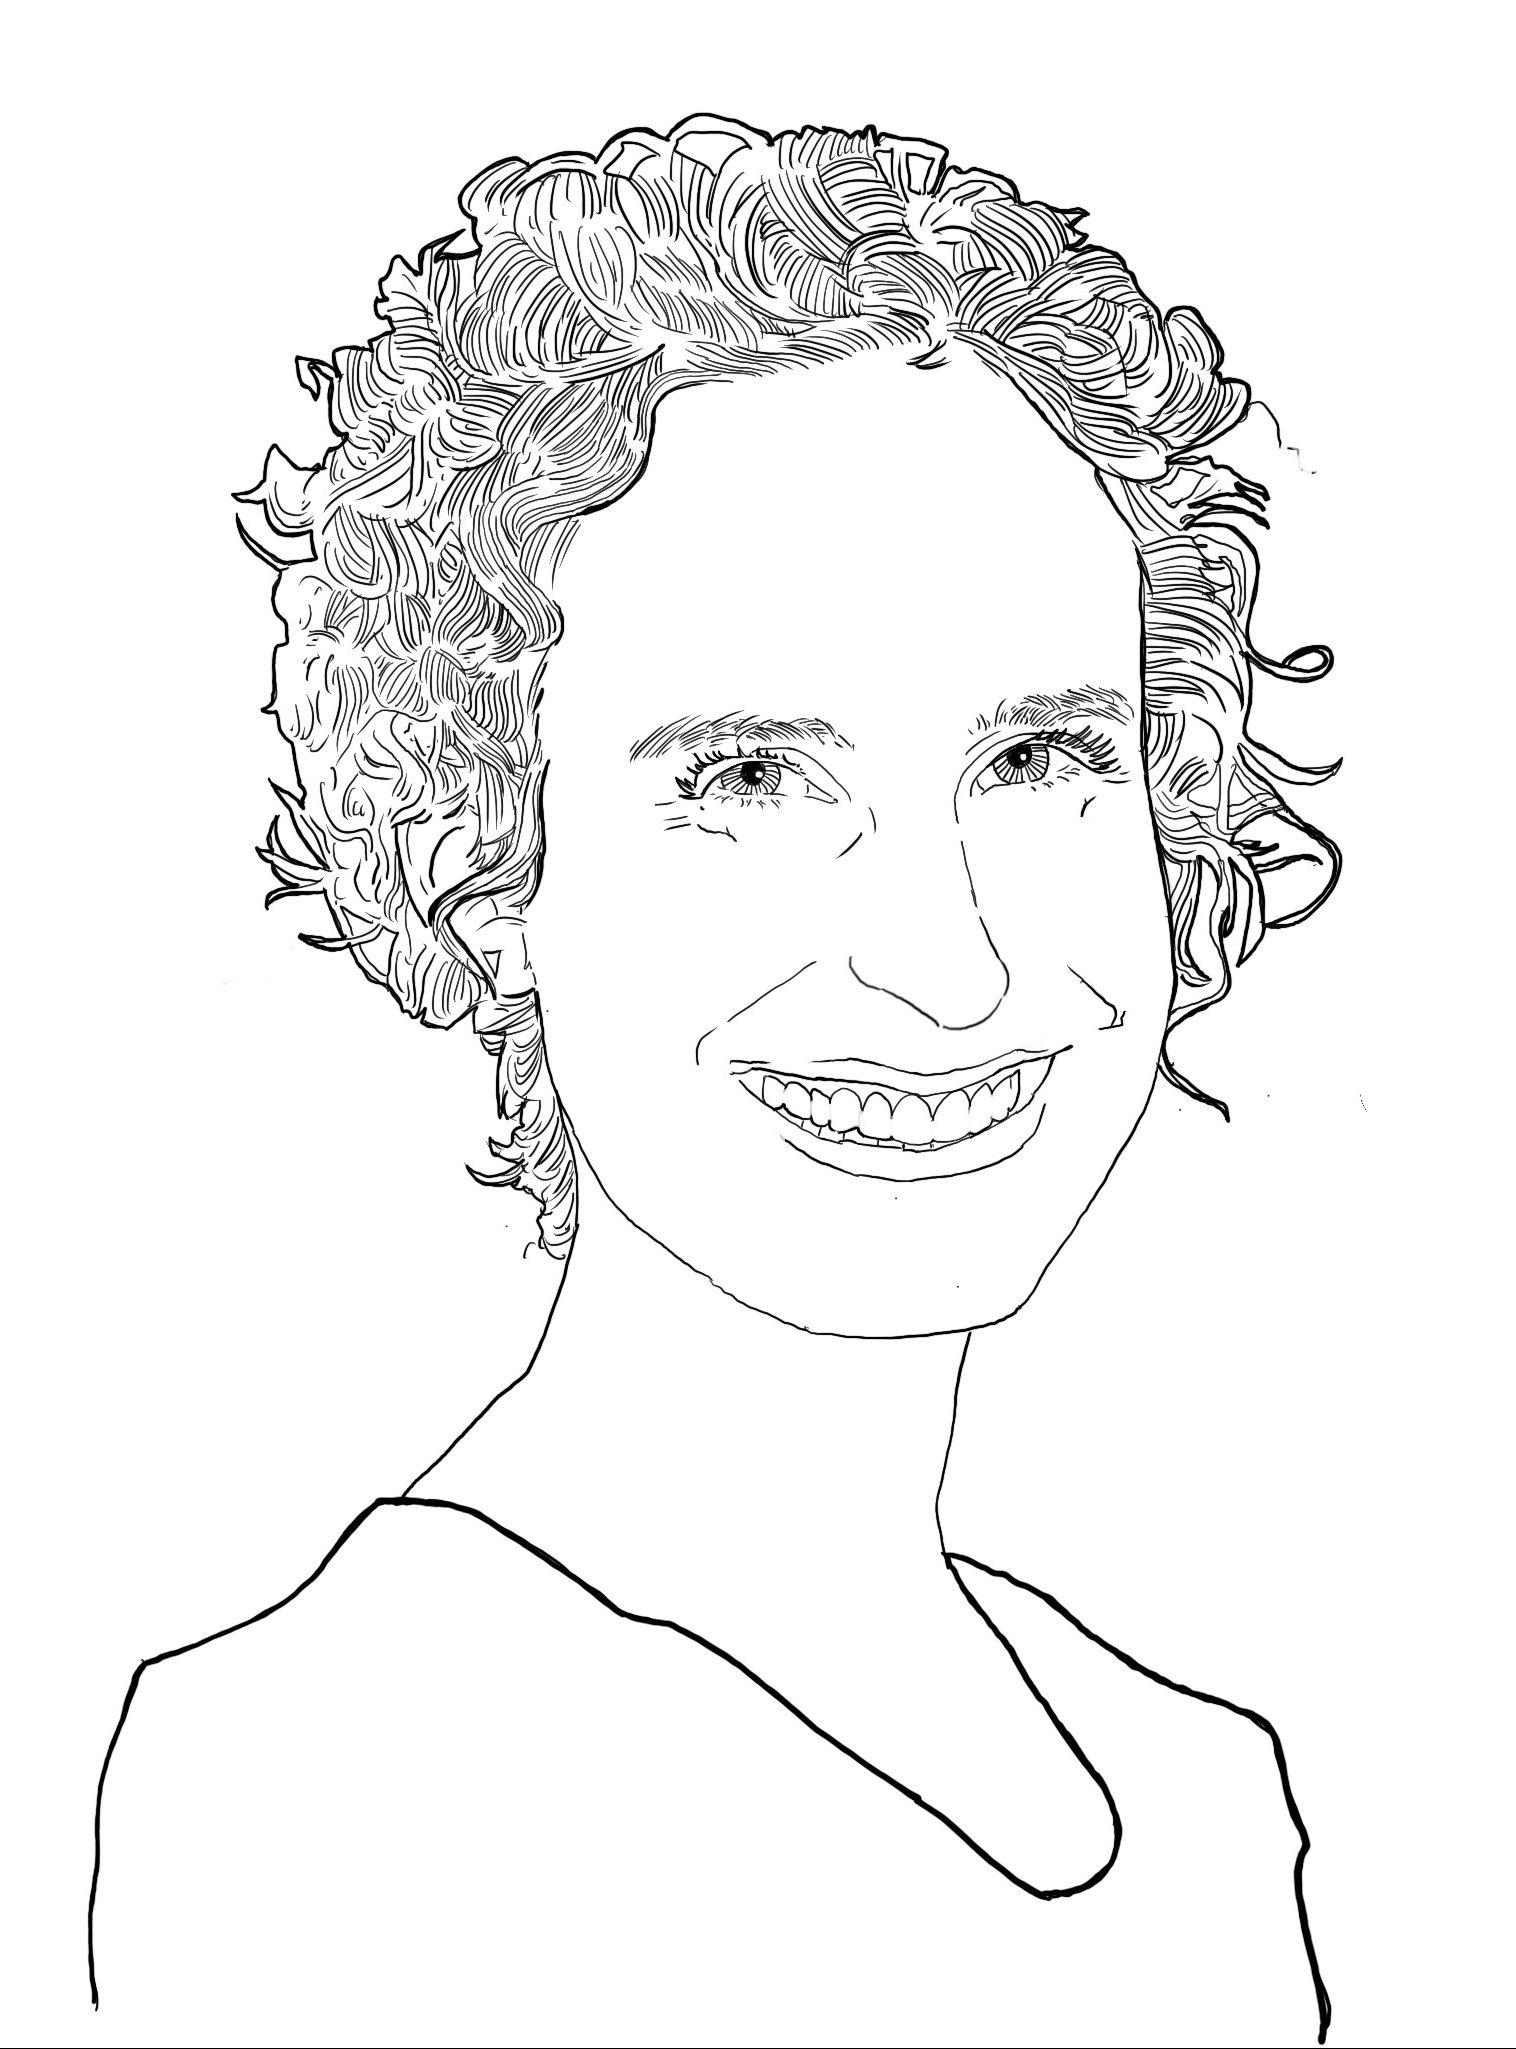 Die Porträtskizze zeigt Laura mit lockigen Haaren. Sie lächelt den Betrachtenden an.